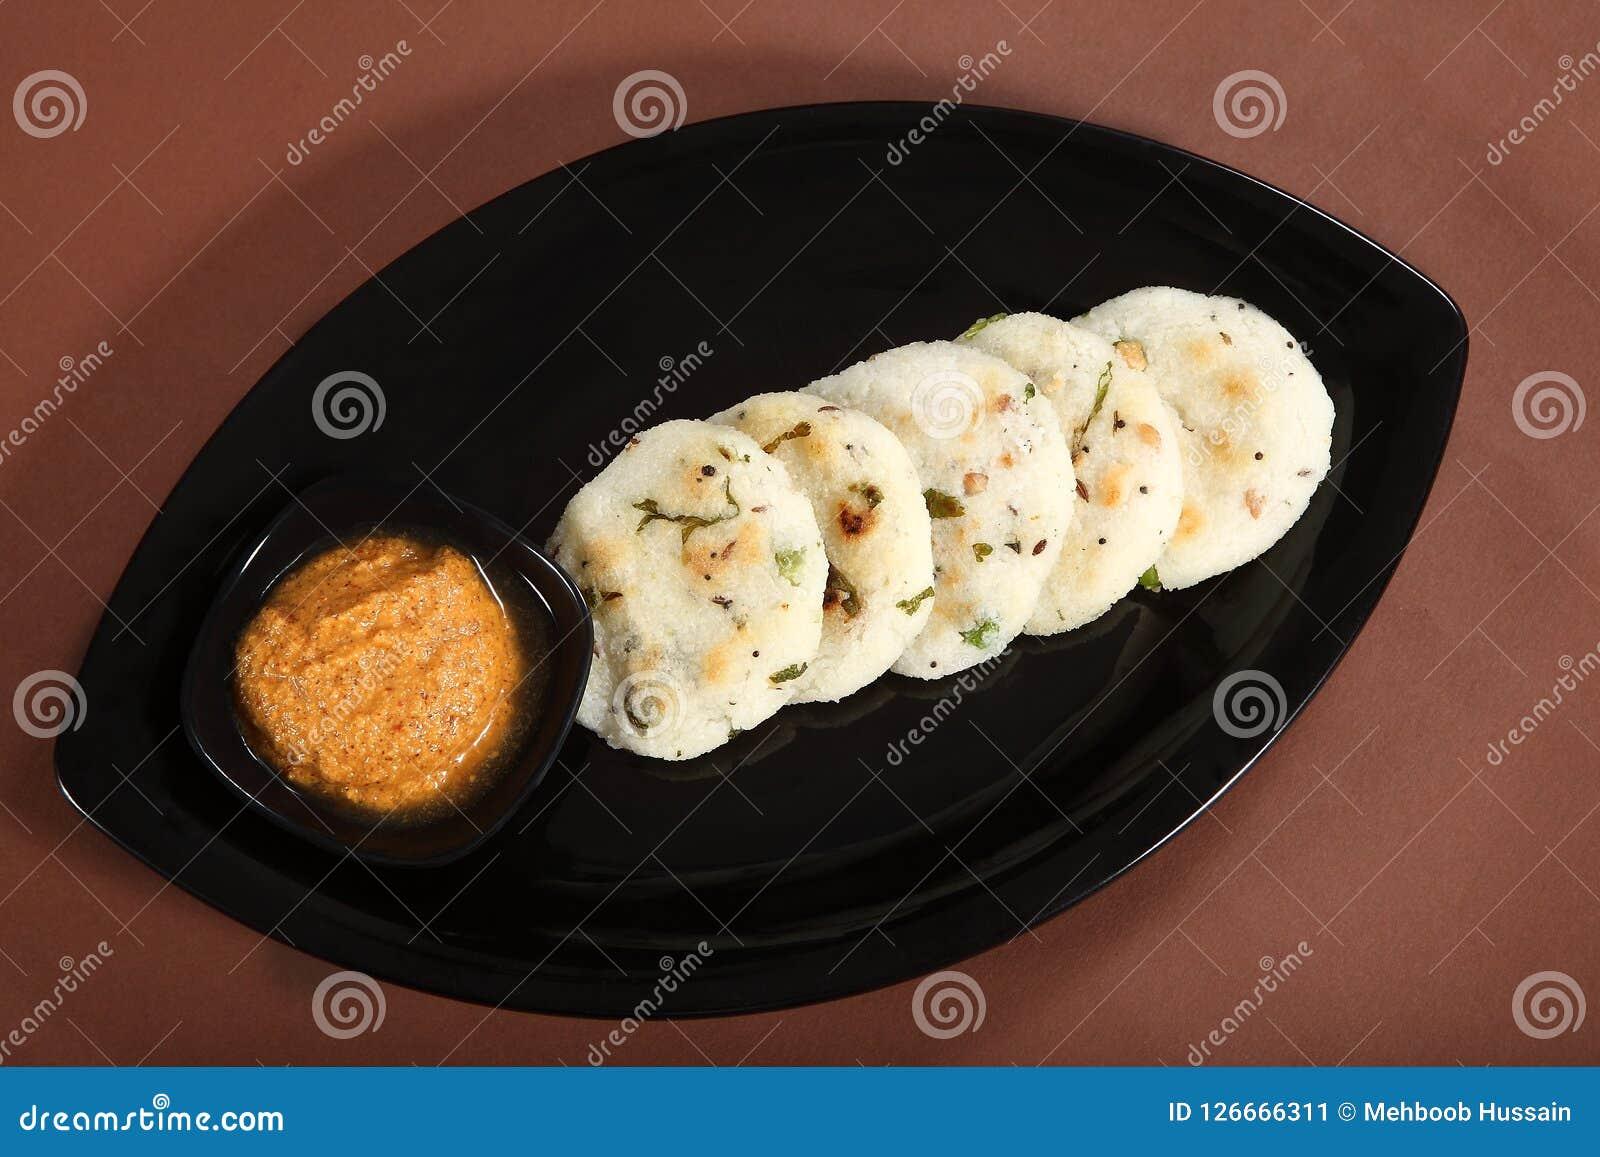 Masala Idli, dolce di riso saporito